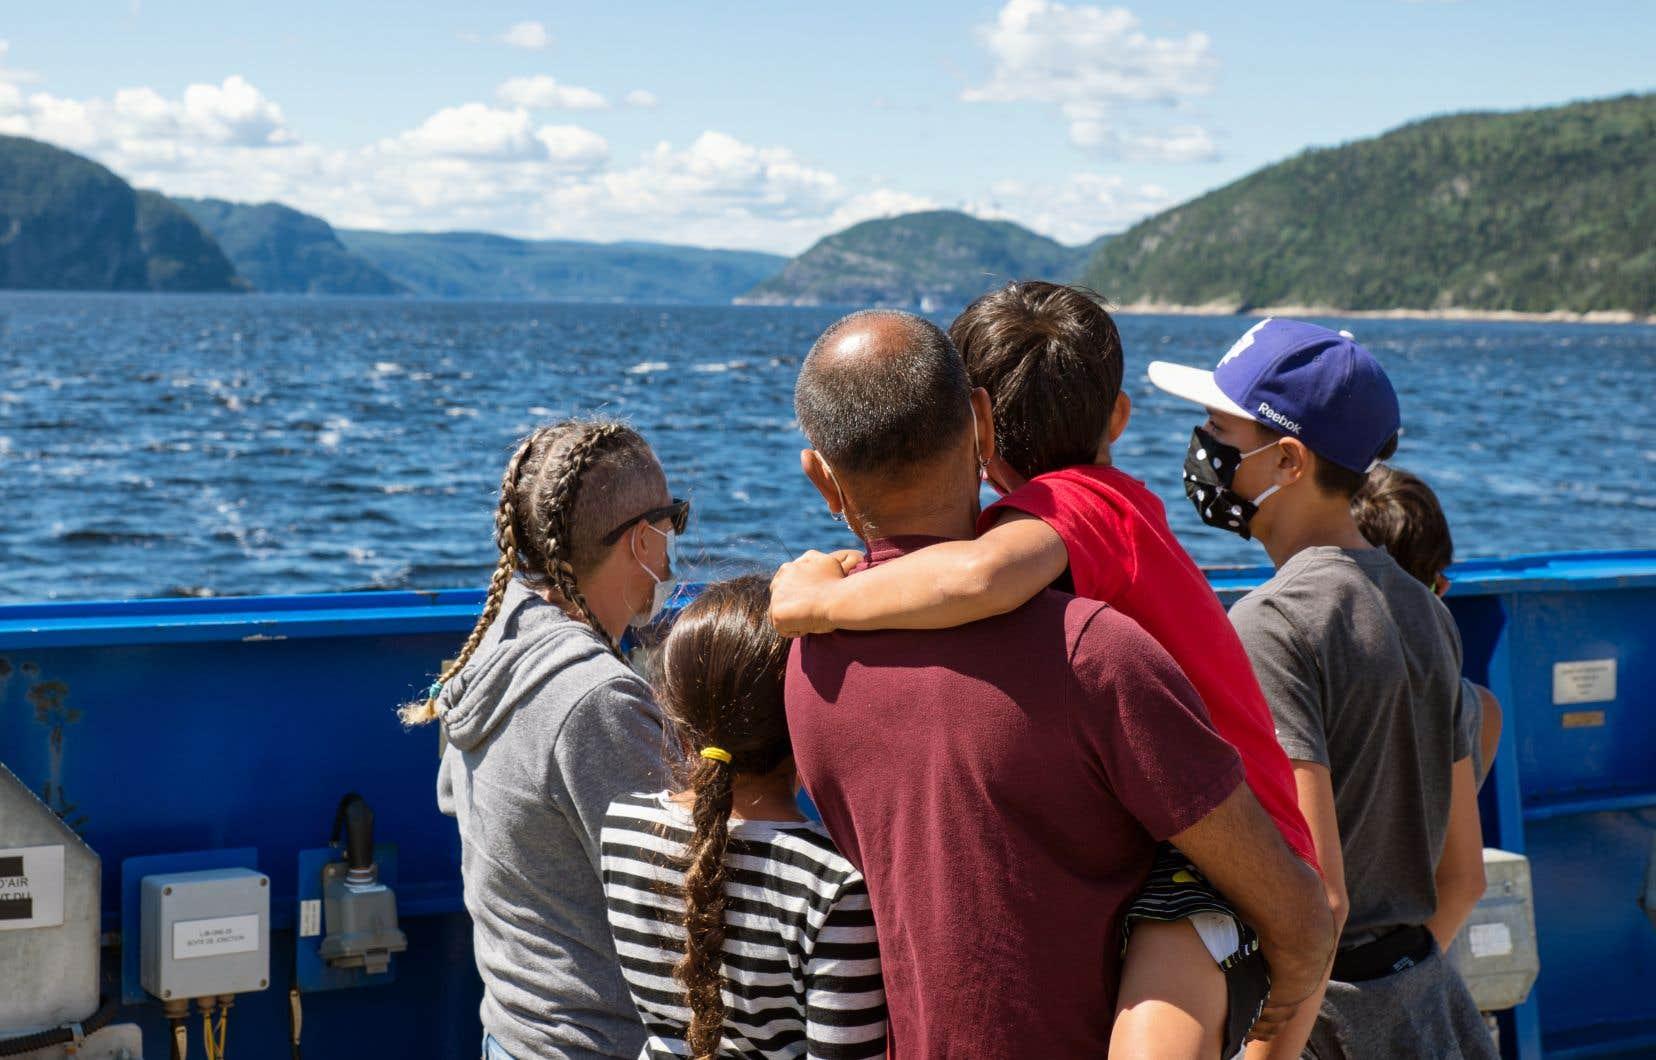 «La saison estivale aura été marquée par un voyage au cœur du Québec», écrit l'auteur.